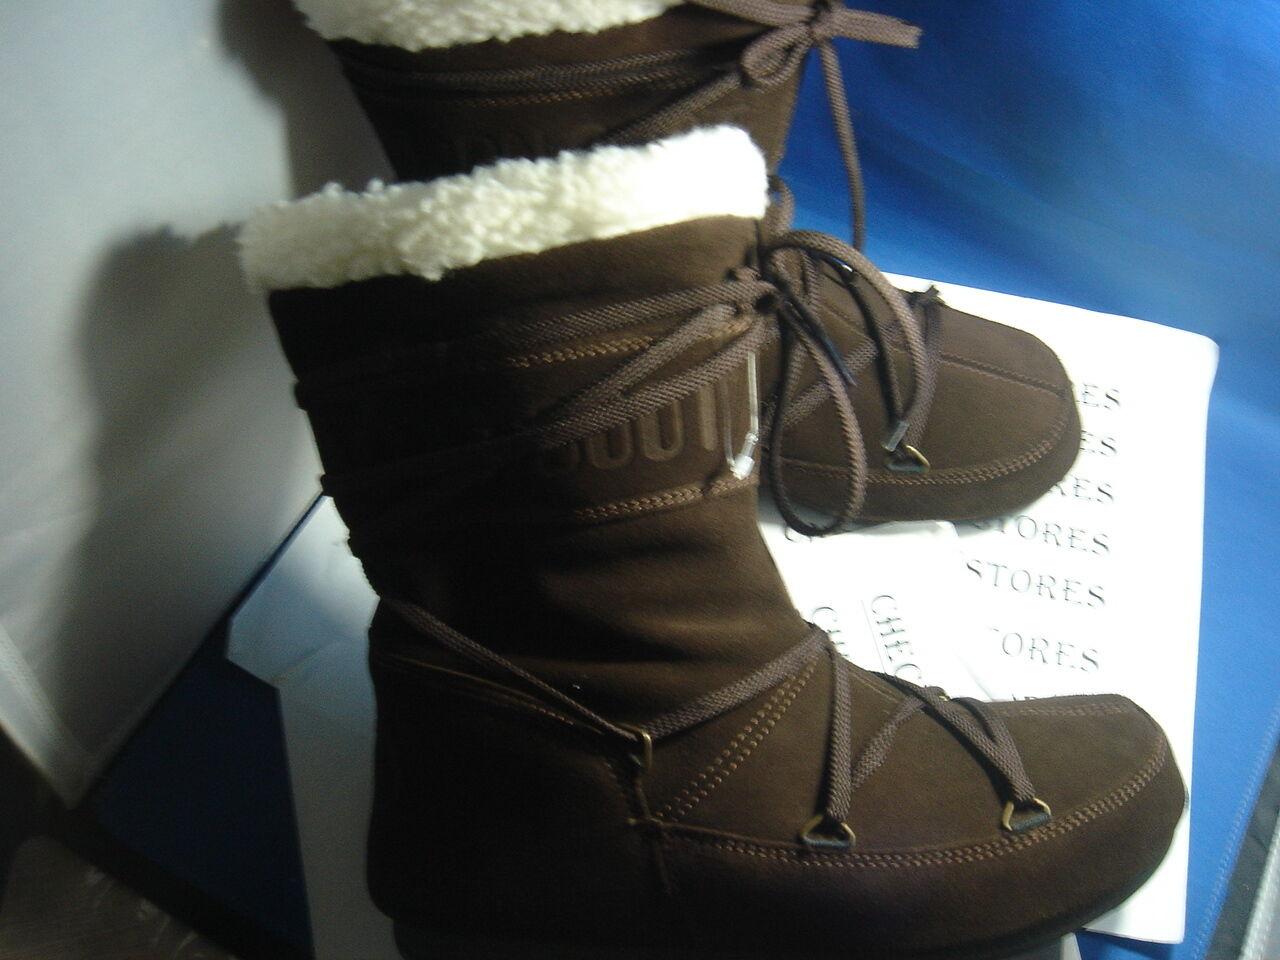 Nuevas botas Tecnica Moon ® mantequilla a mediados de arranque ocre o marrón Nuevo Invierno 14015700